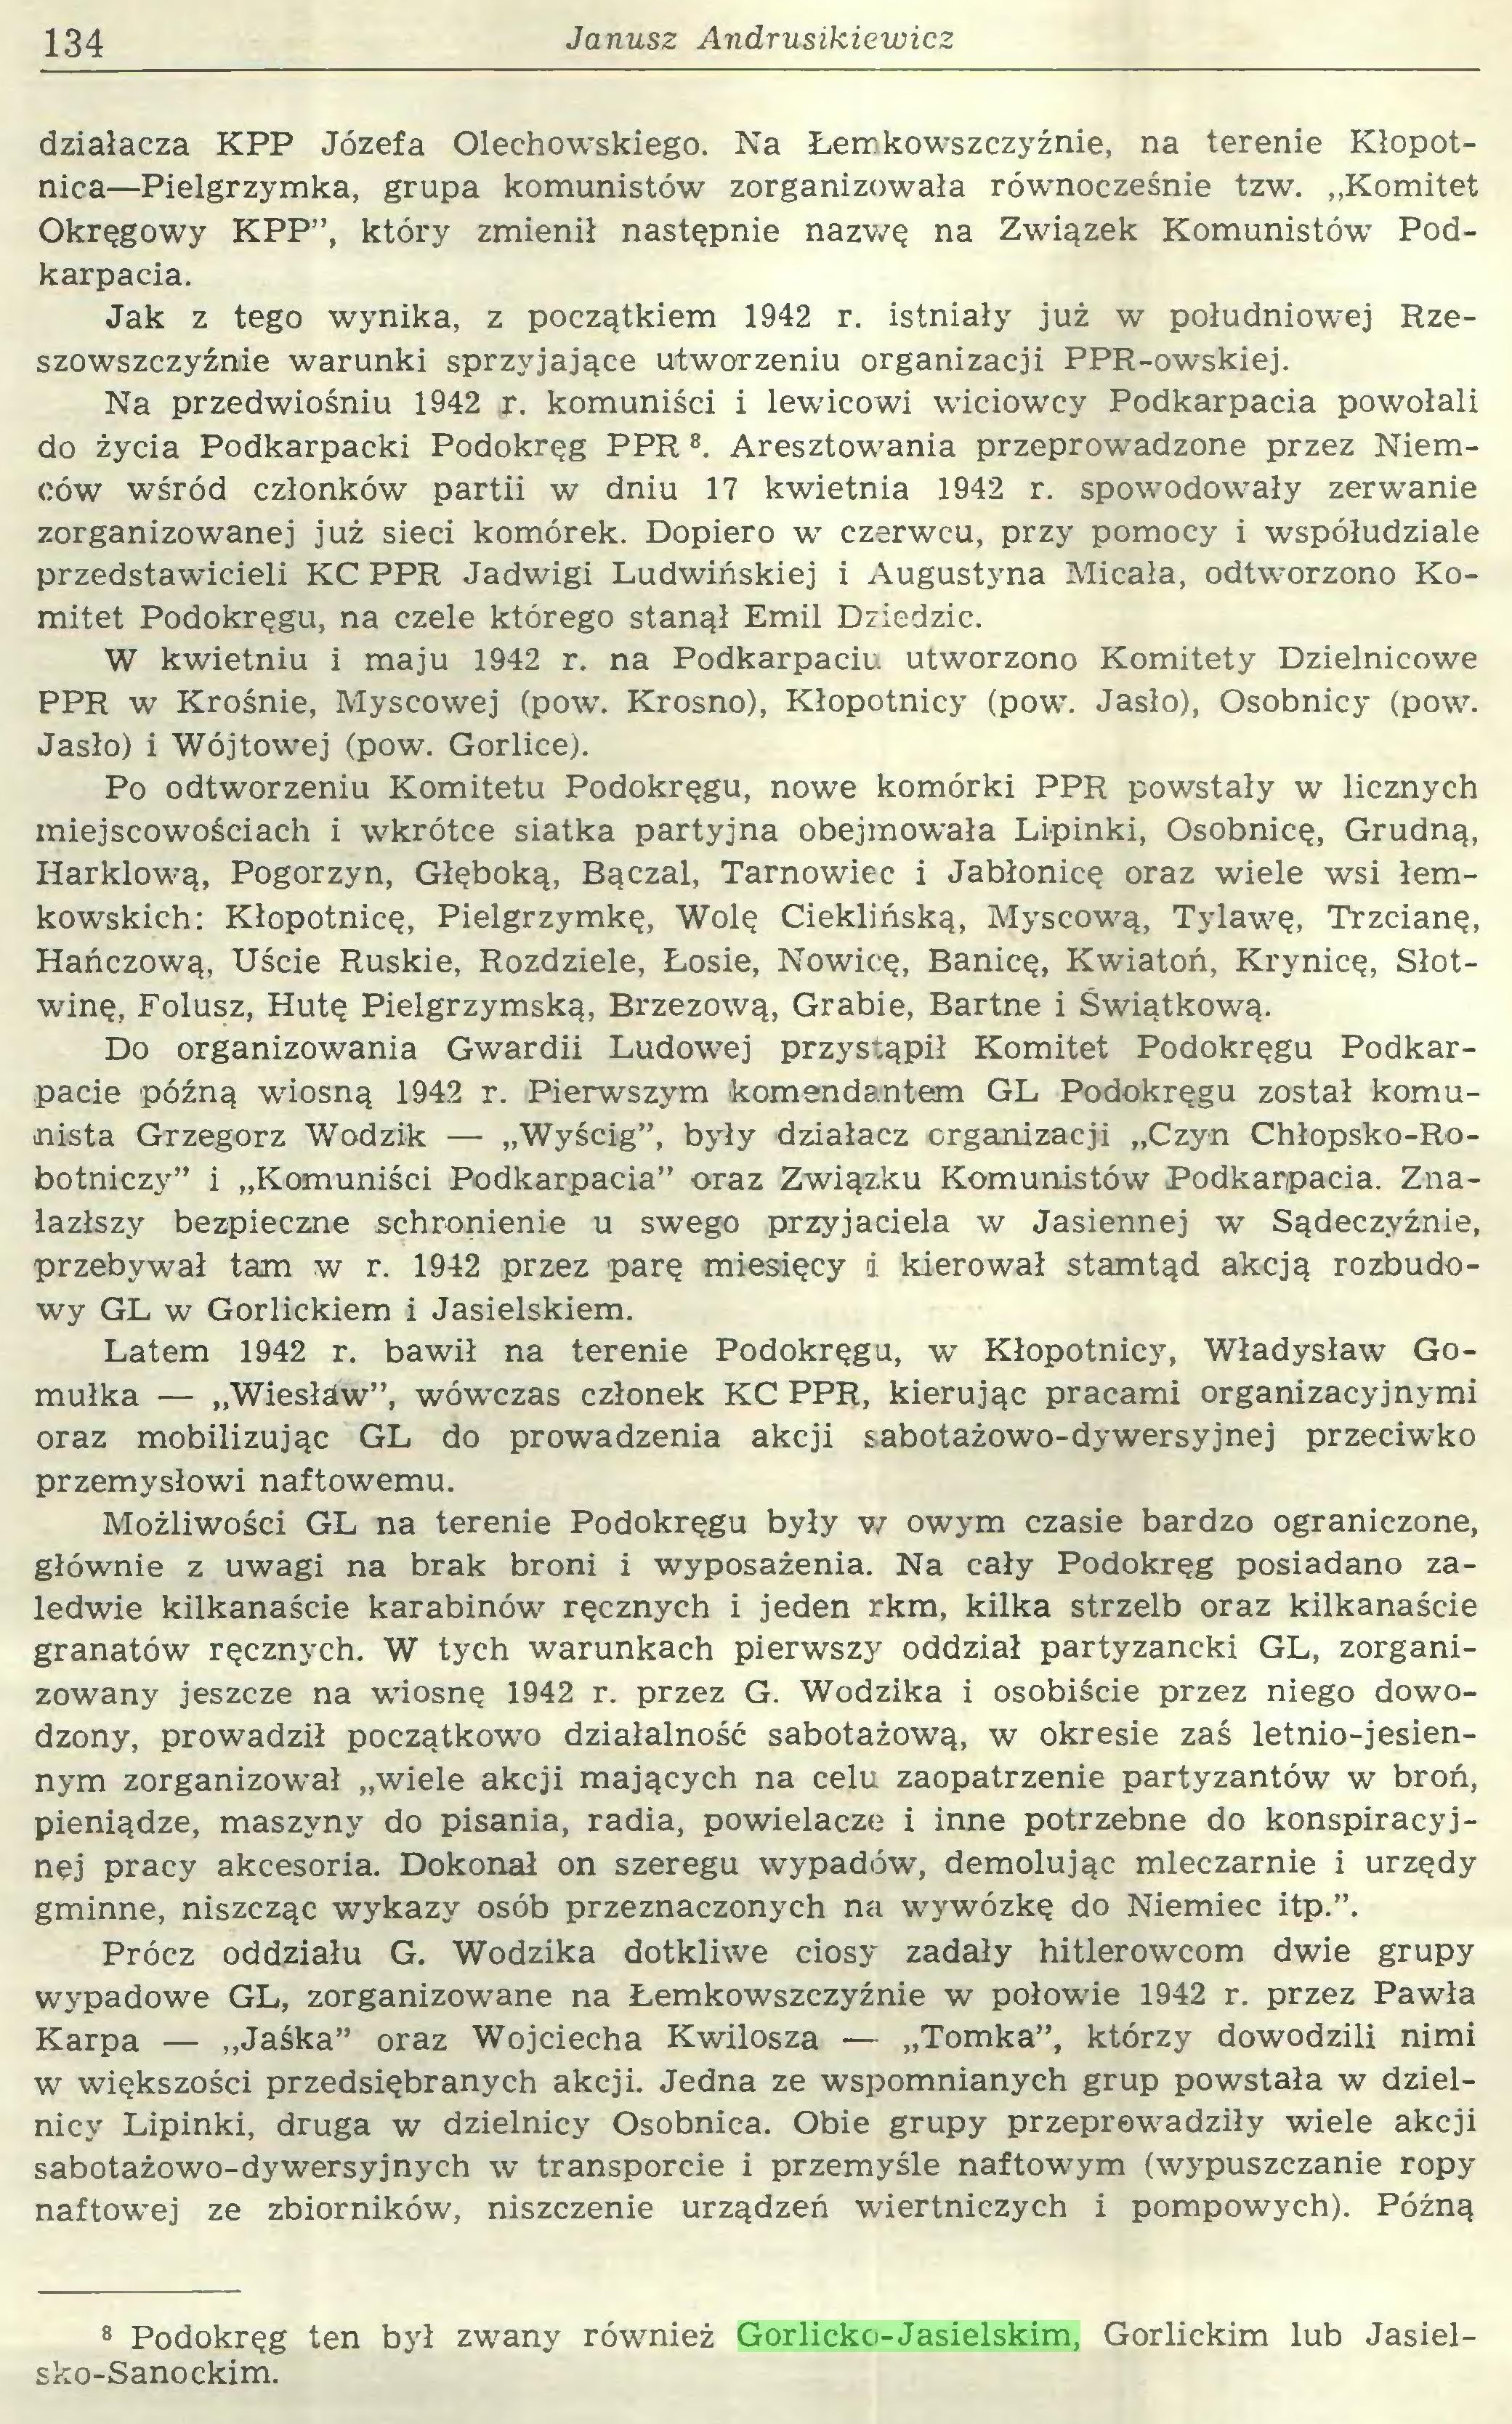 (...) 8 Podokręg ten był zwany również Gorlicko-Jasielskim, Gorlickim lub Jasielsko-Sanockim. Gwardia Ludowa PPR i AL w Beskidach Zach. (1942—1945) 135...